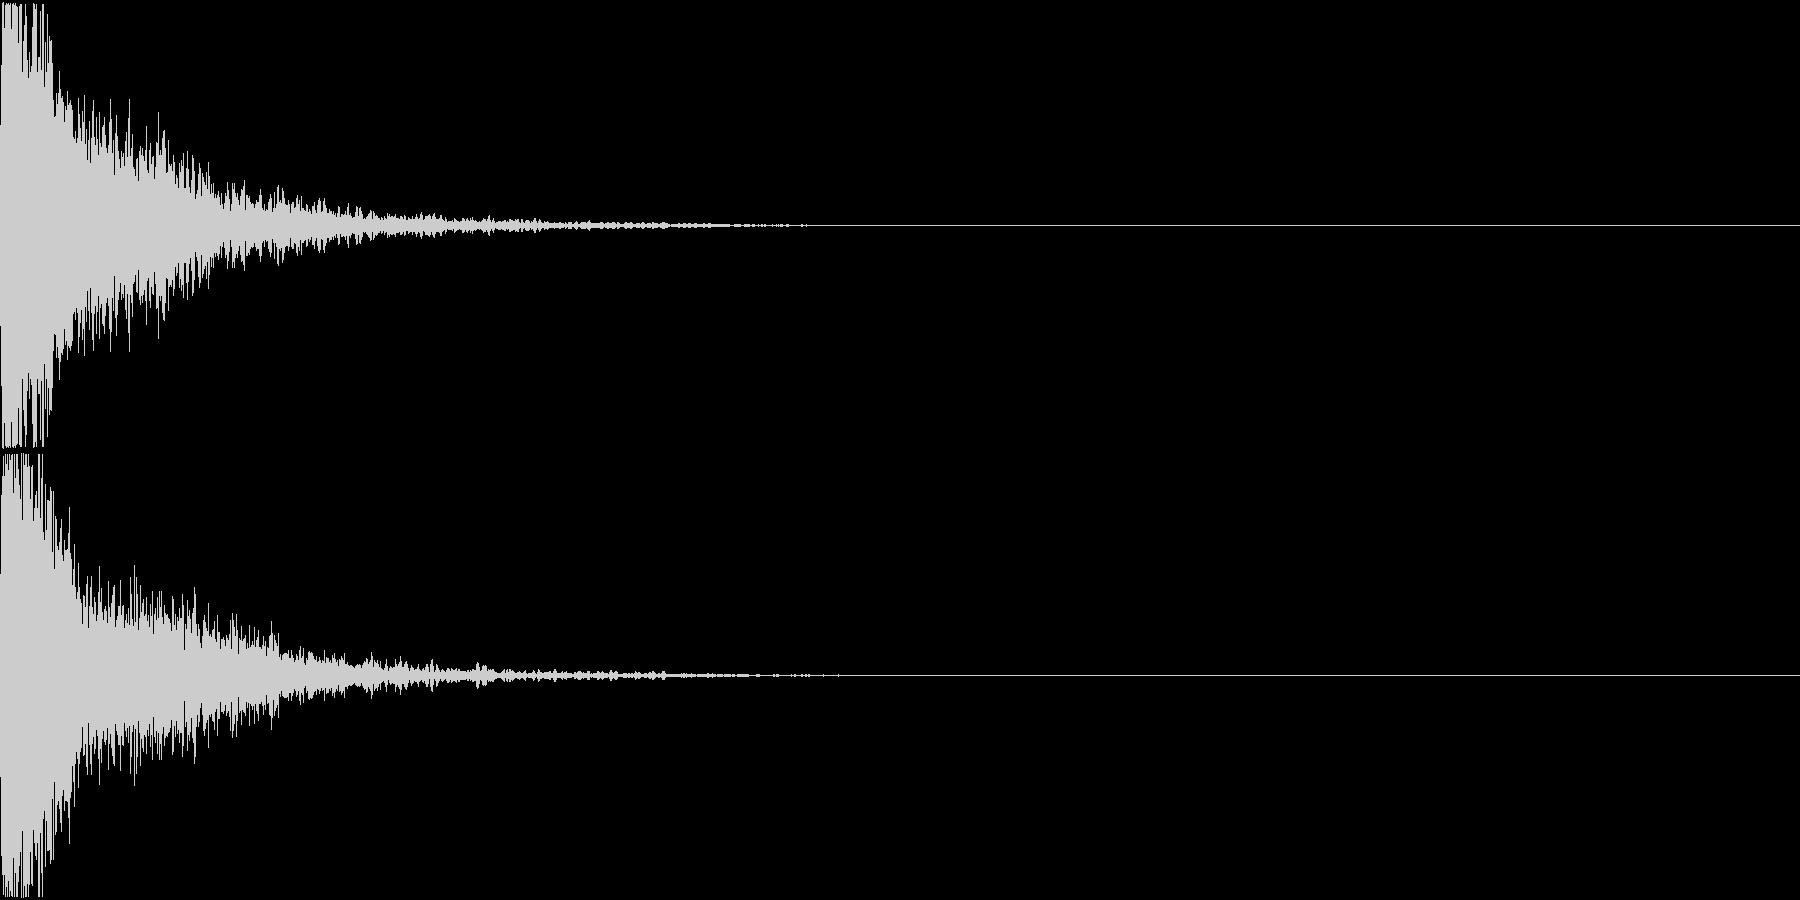 ロボット 合体 ガシーン キュイン 21の未再生の波形